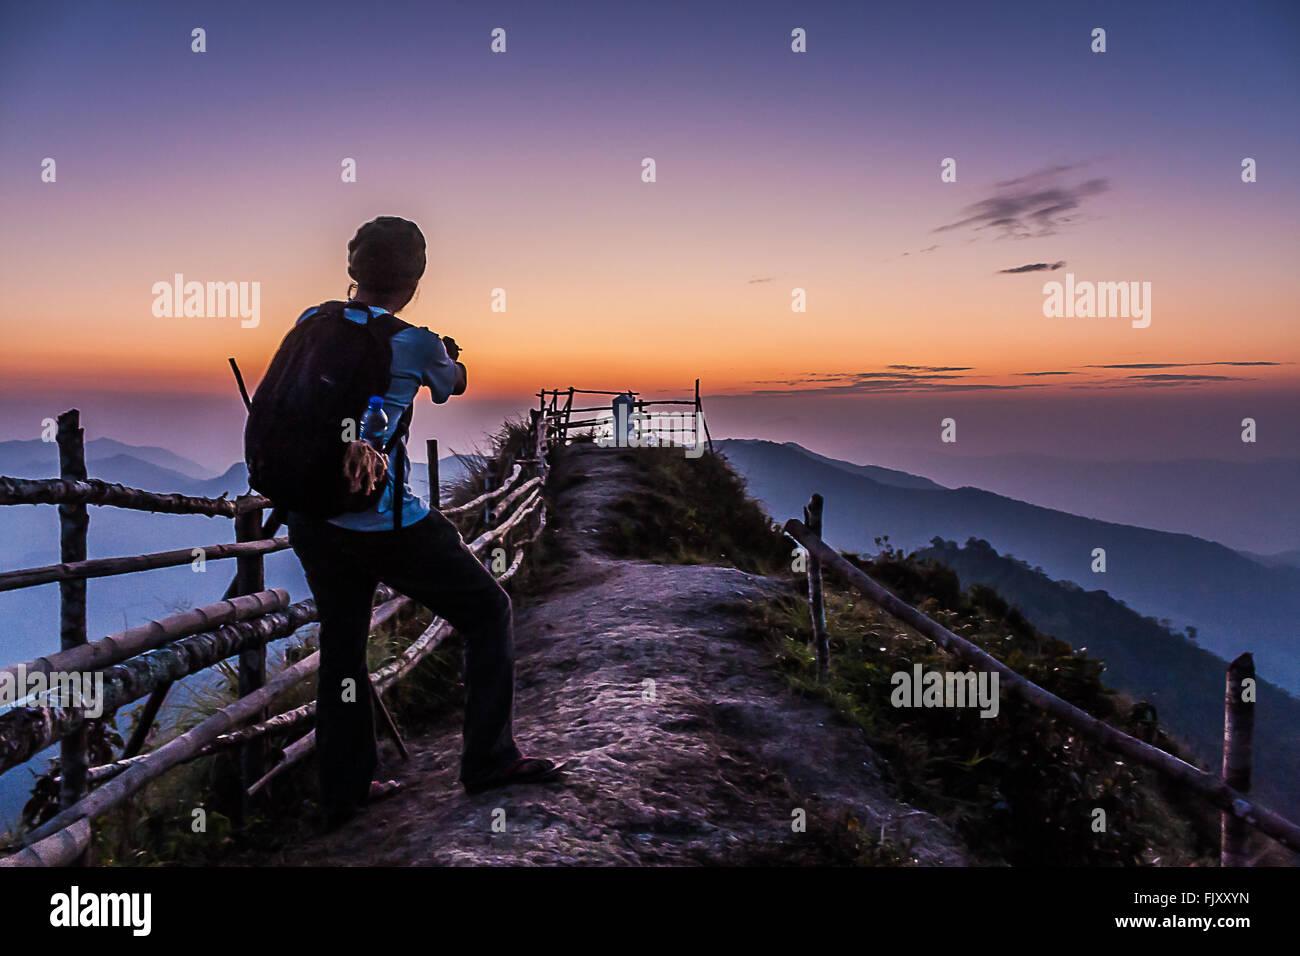 Randonneur Standing On Mountain contre le ciel au coucher du soleil Photo Stock